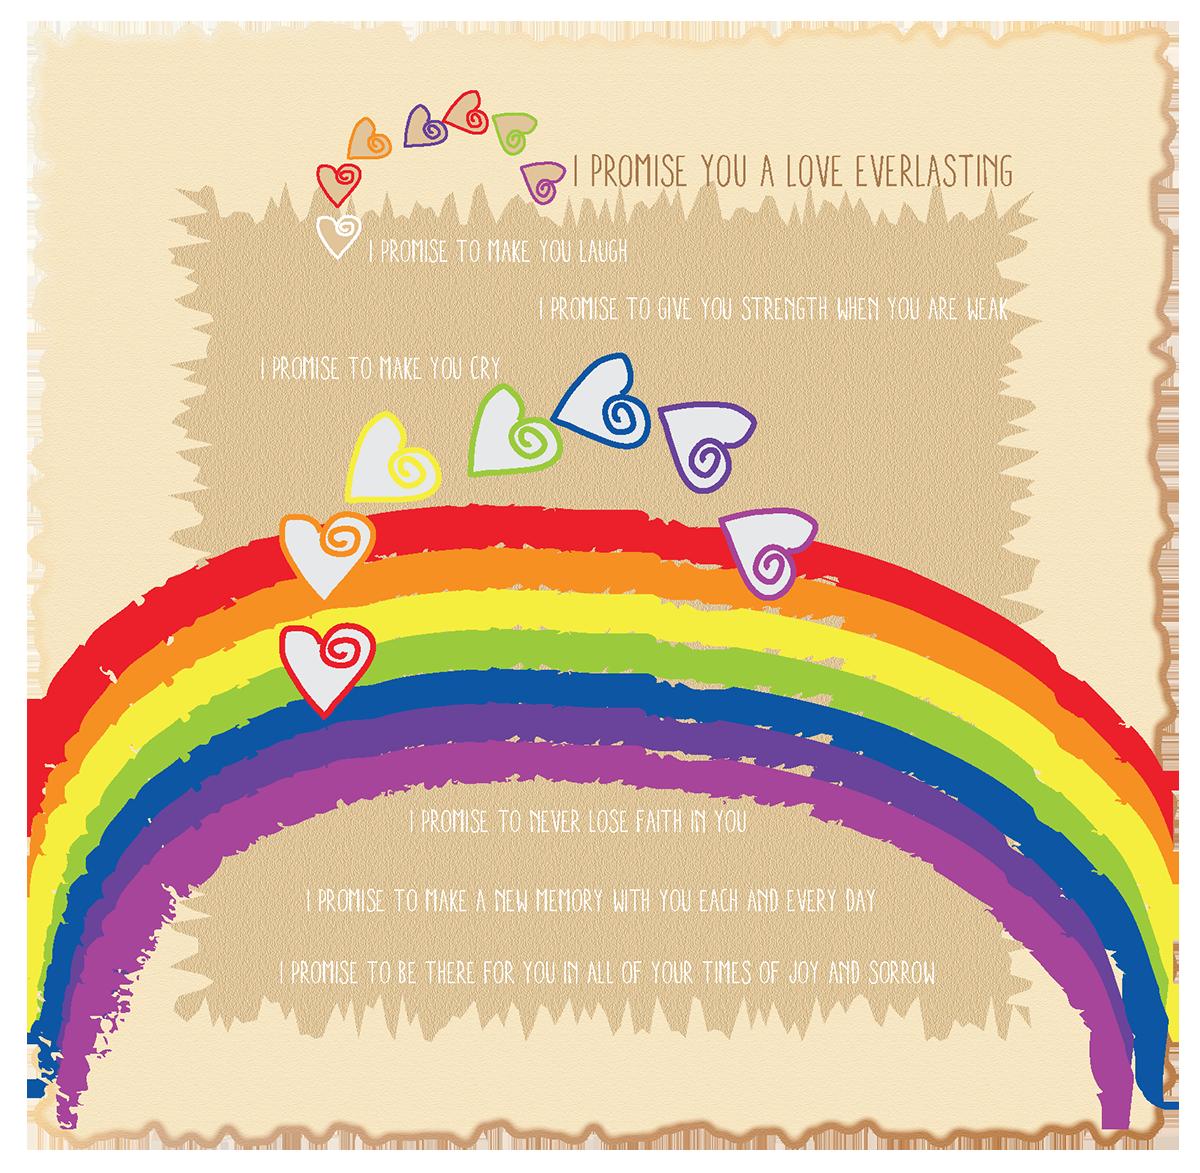 Elegant playful greeting card design for arad inc by joy design elegant playful greeting card design for arad inc in united states design 5065296 m4hsunfo